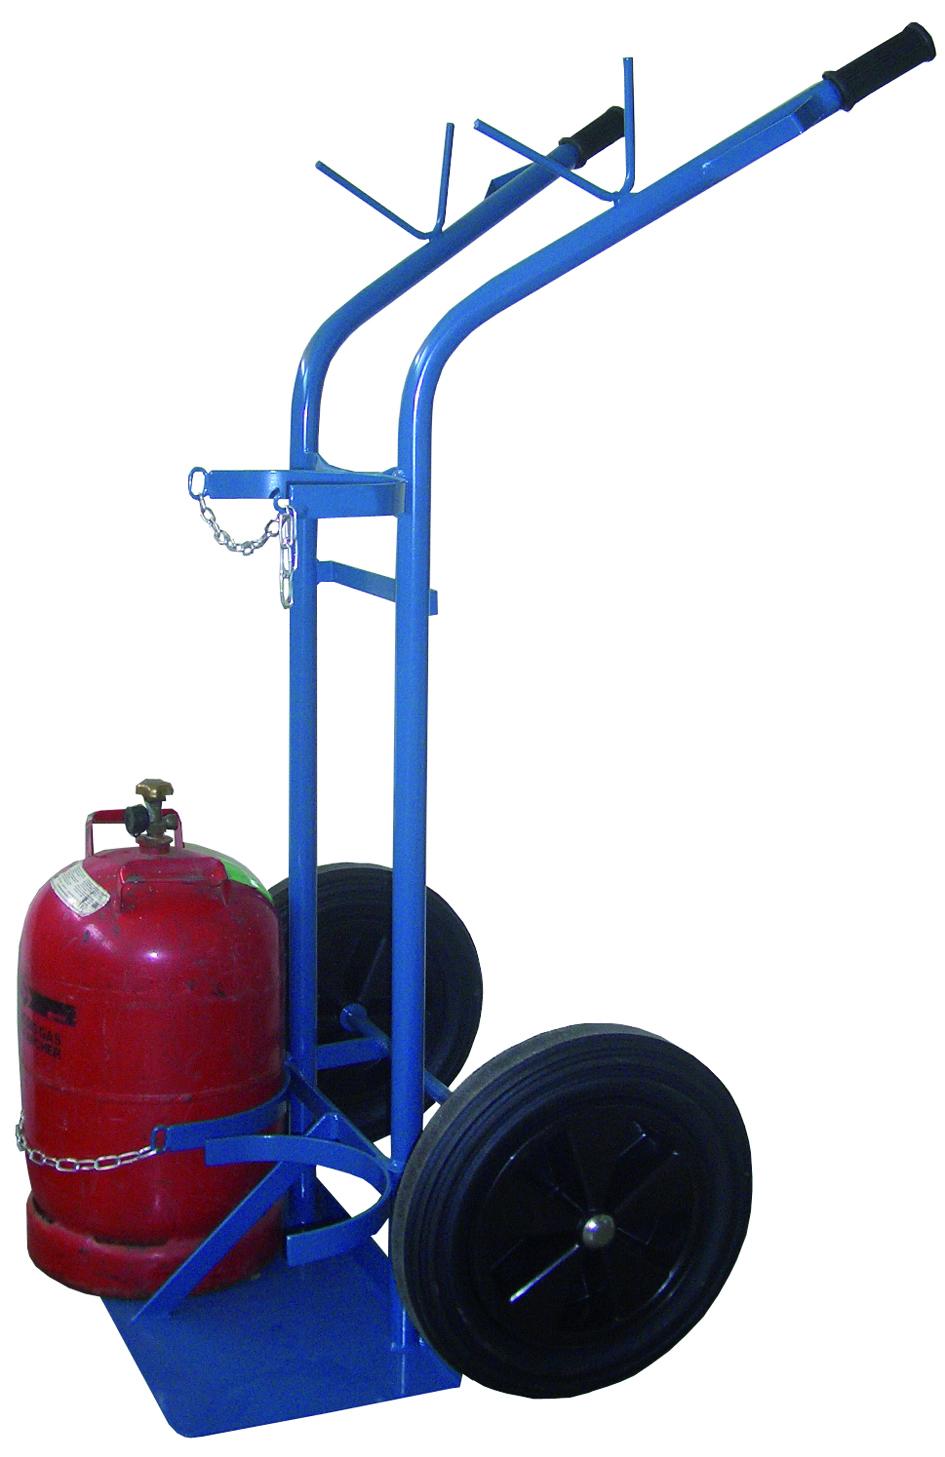 Flaschenwagen 1 x 50 L + 1 x 33 kg (oder 11 kg) Propan, WZ-Kasten, Luftreifen